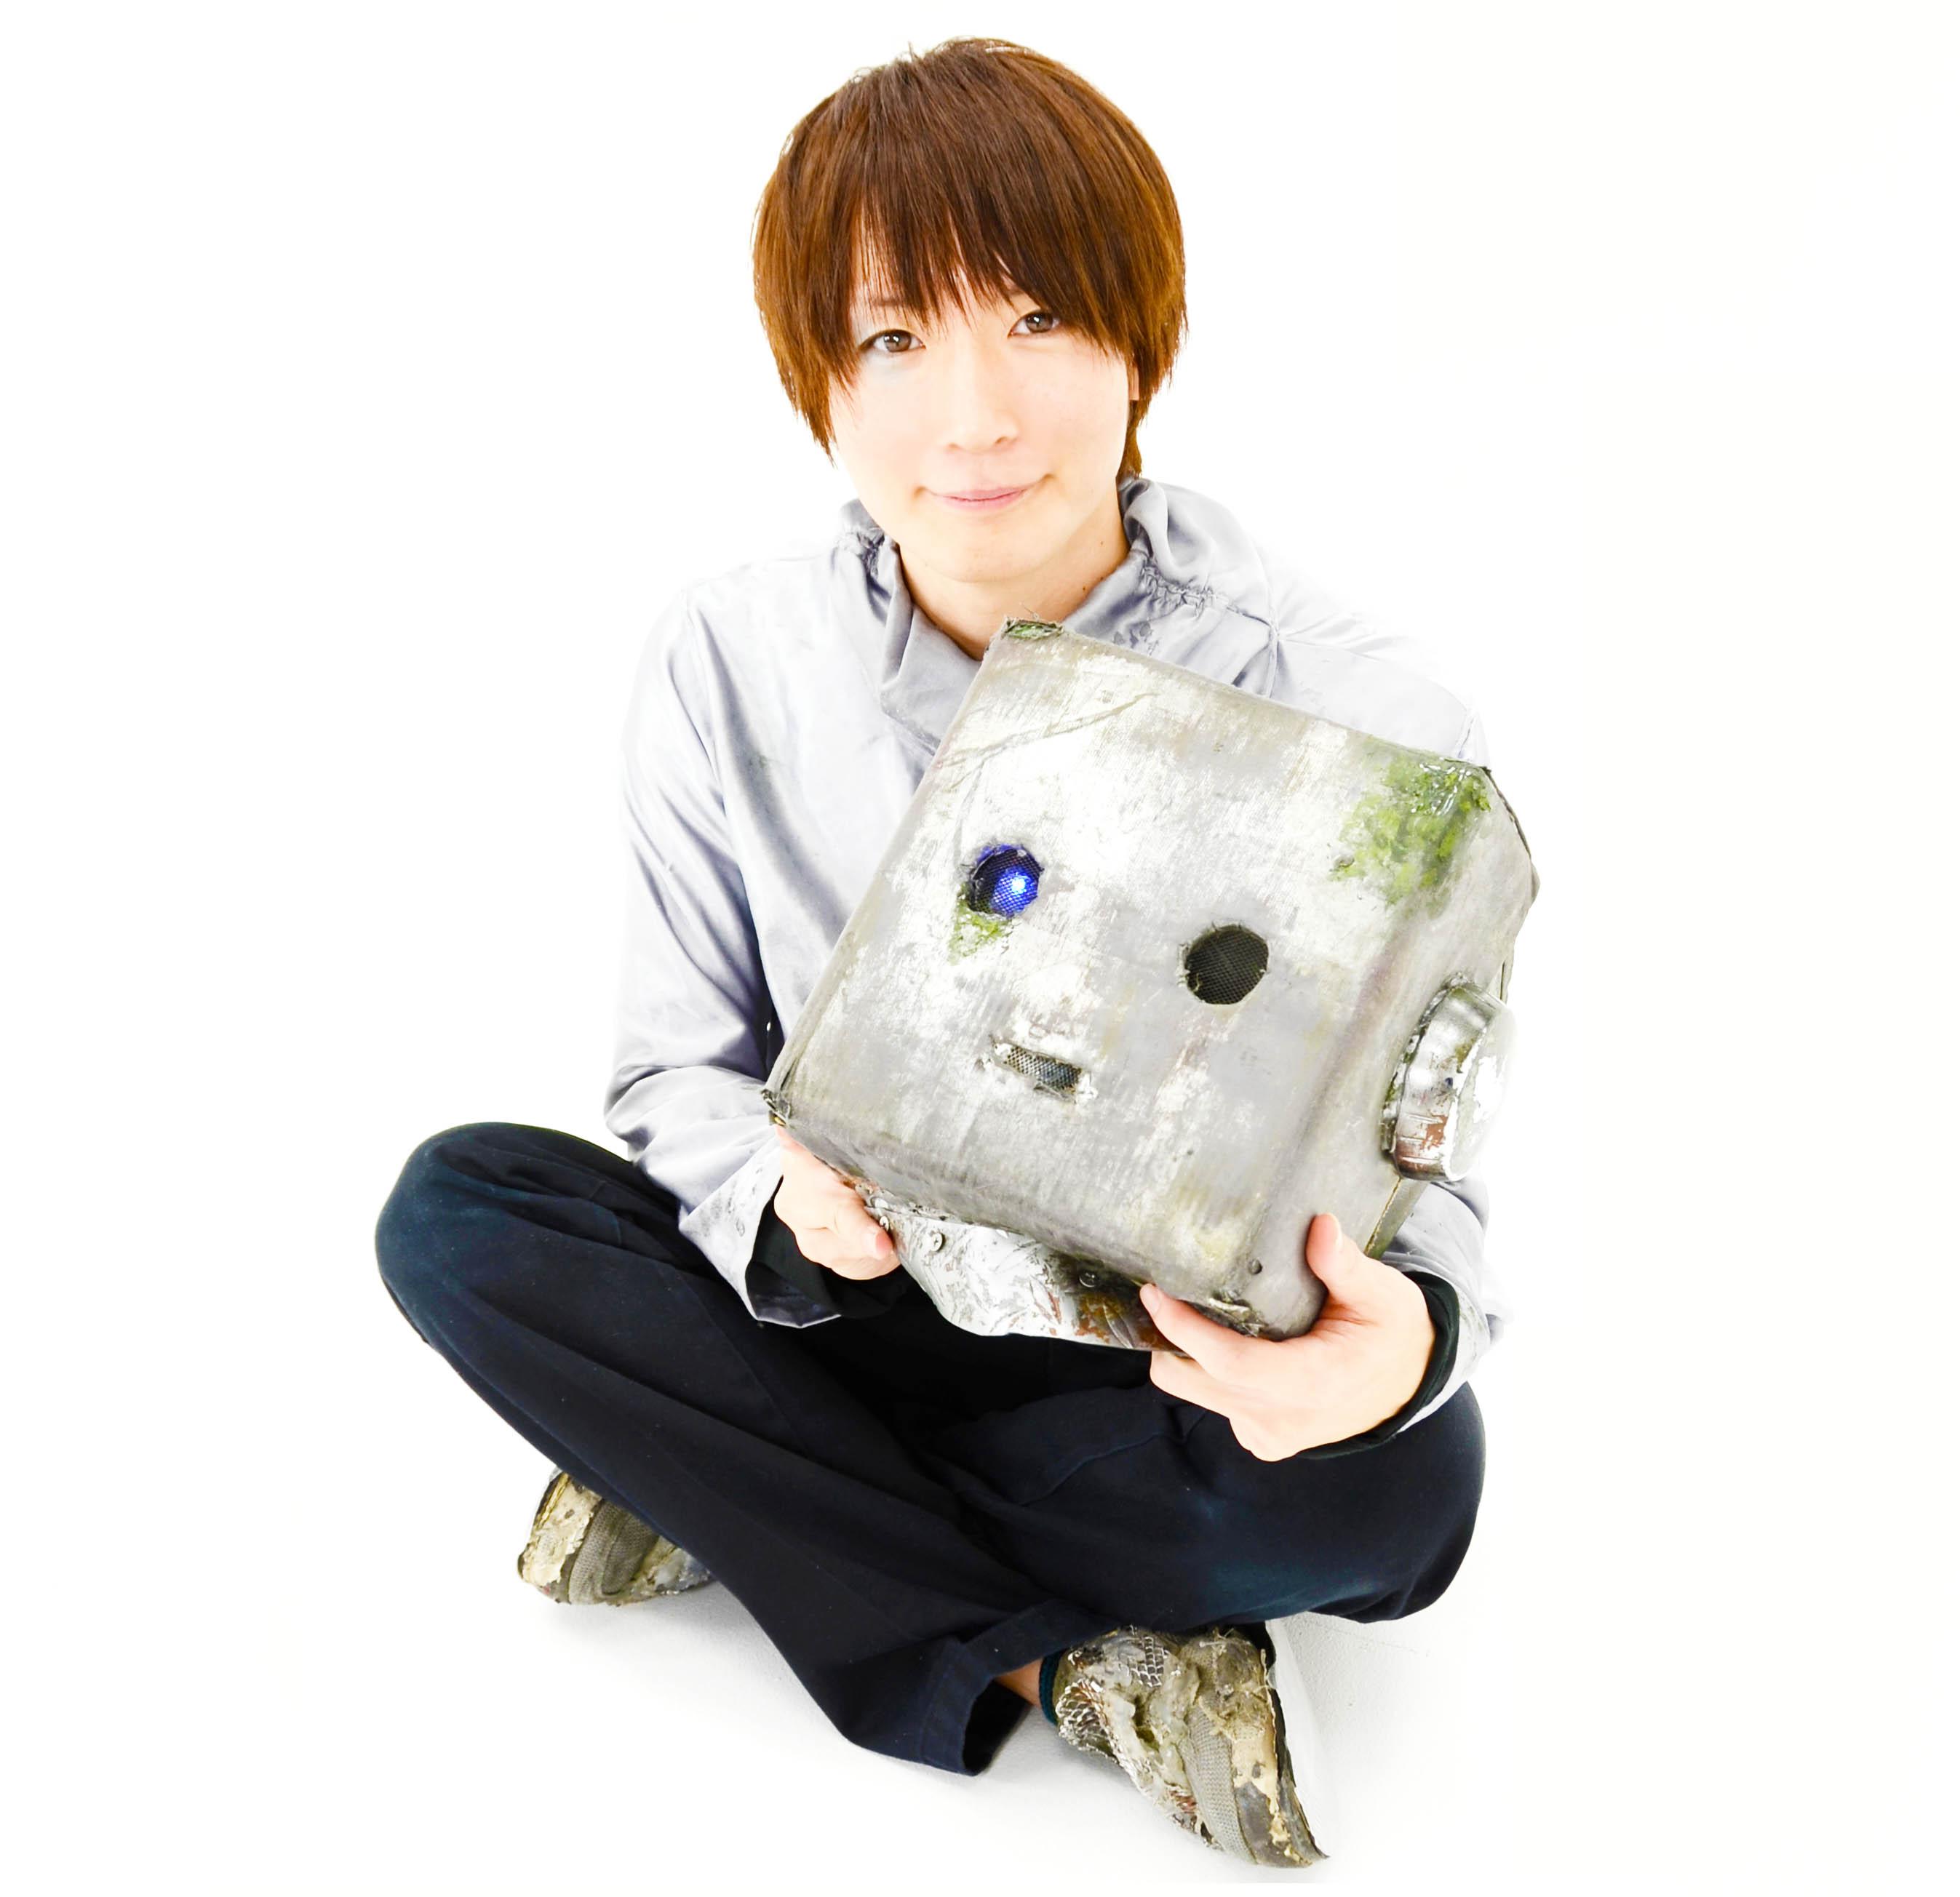 ロボットのぞみ【パフォーマー/ミュージシャン】